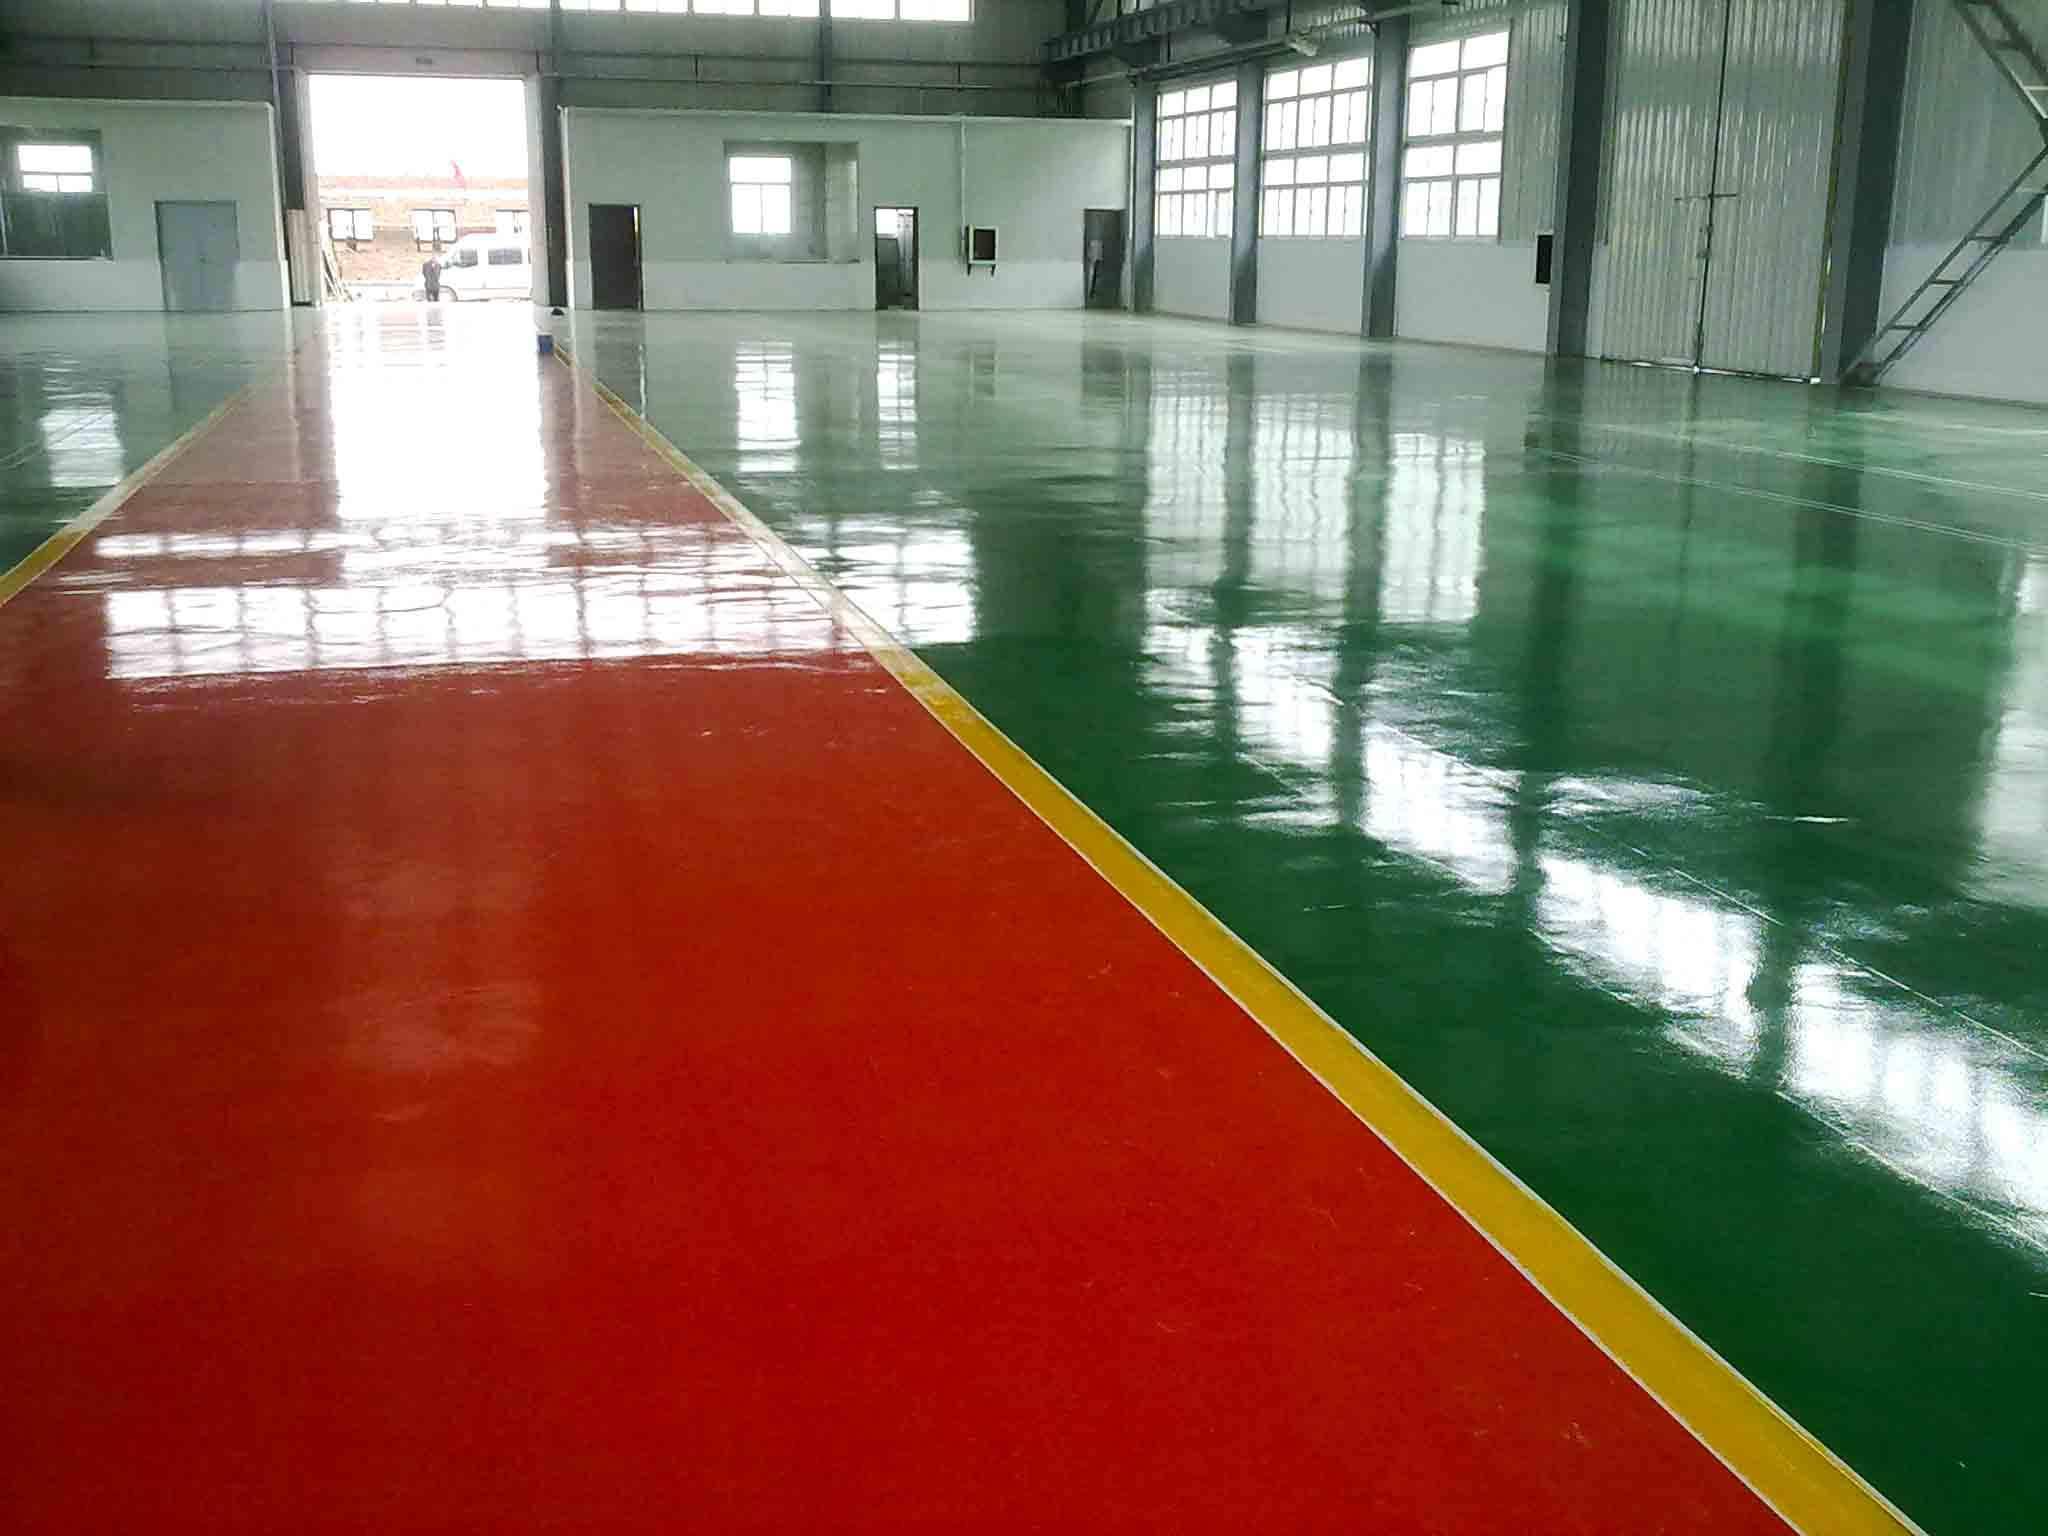 成海装饰材料优质的塑胶地板新品上市-临沂塑胶地板保养